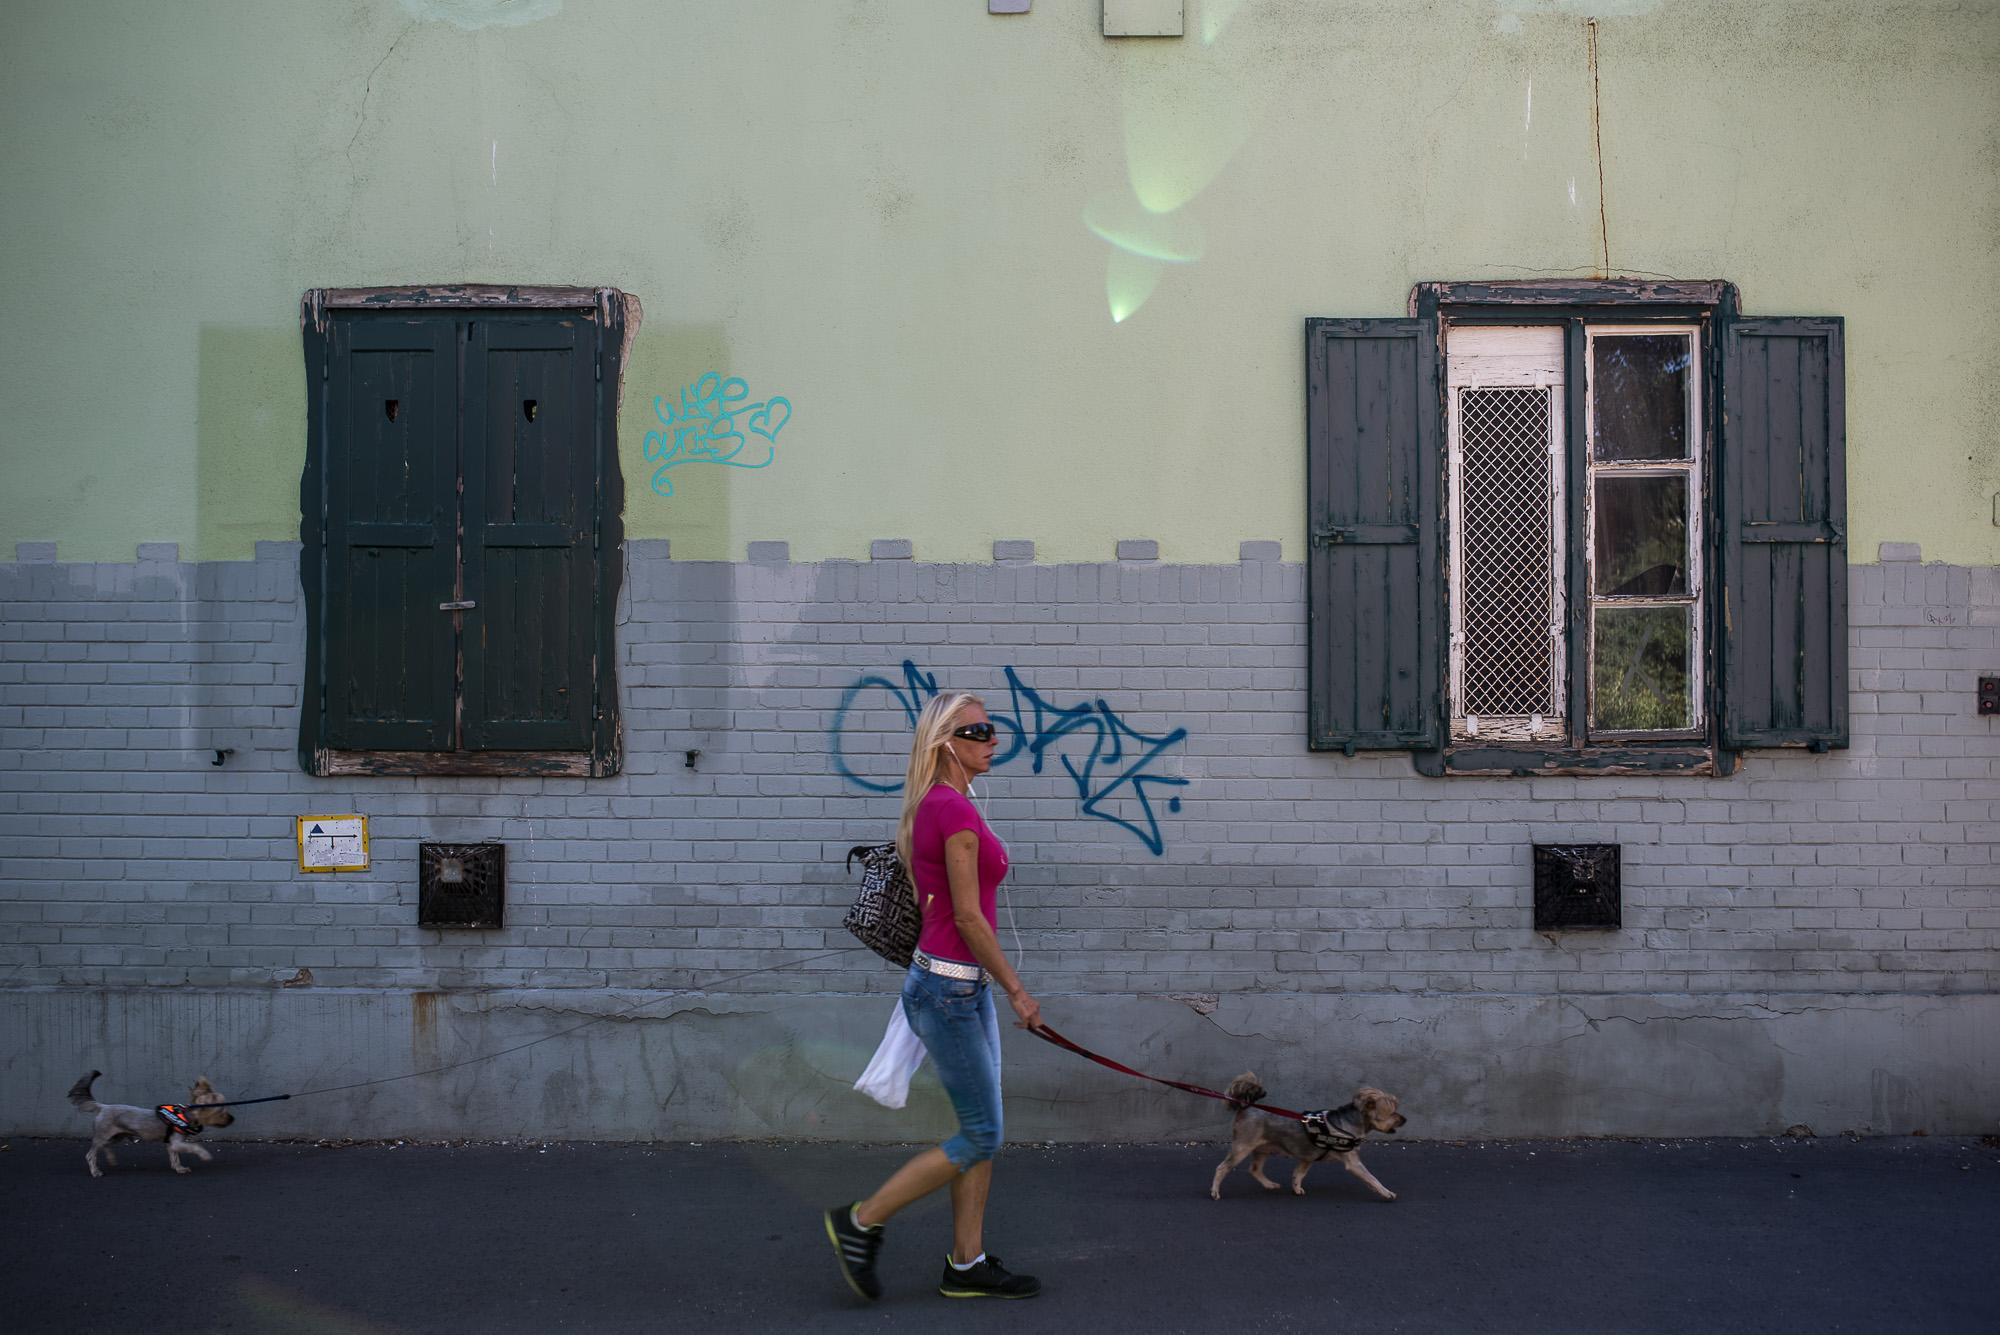 Ehhez a házhoz 130 éve nem nyúltak - pesti utcák, ahol megállt az idő